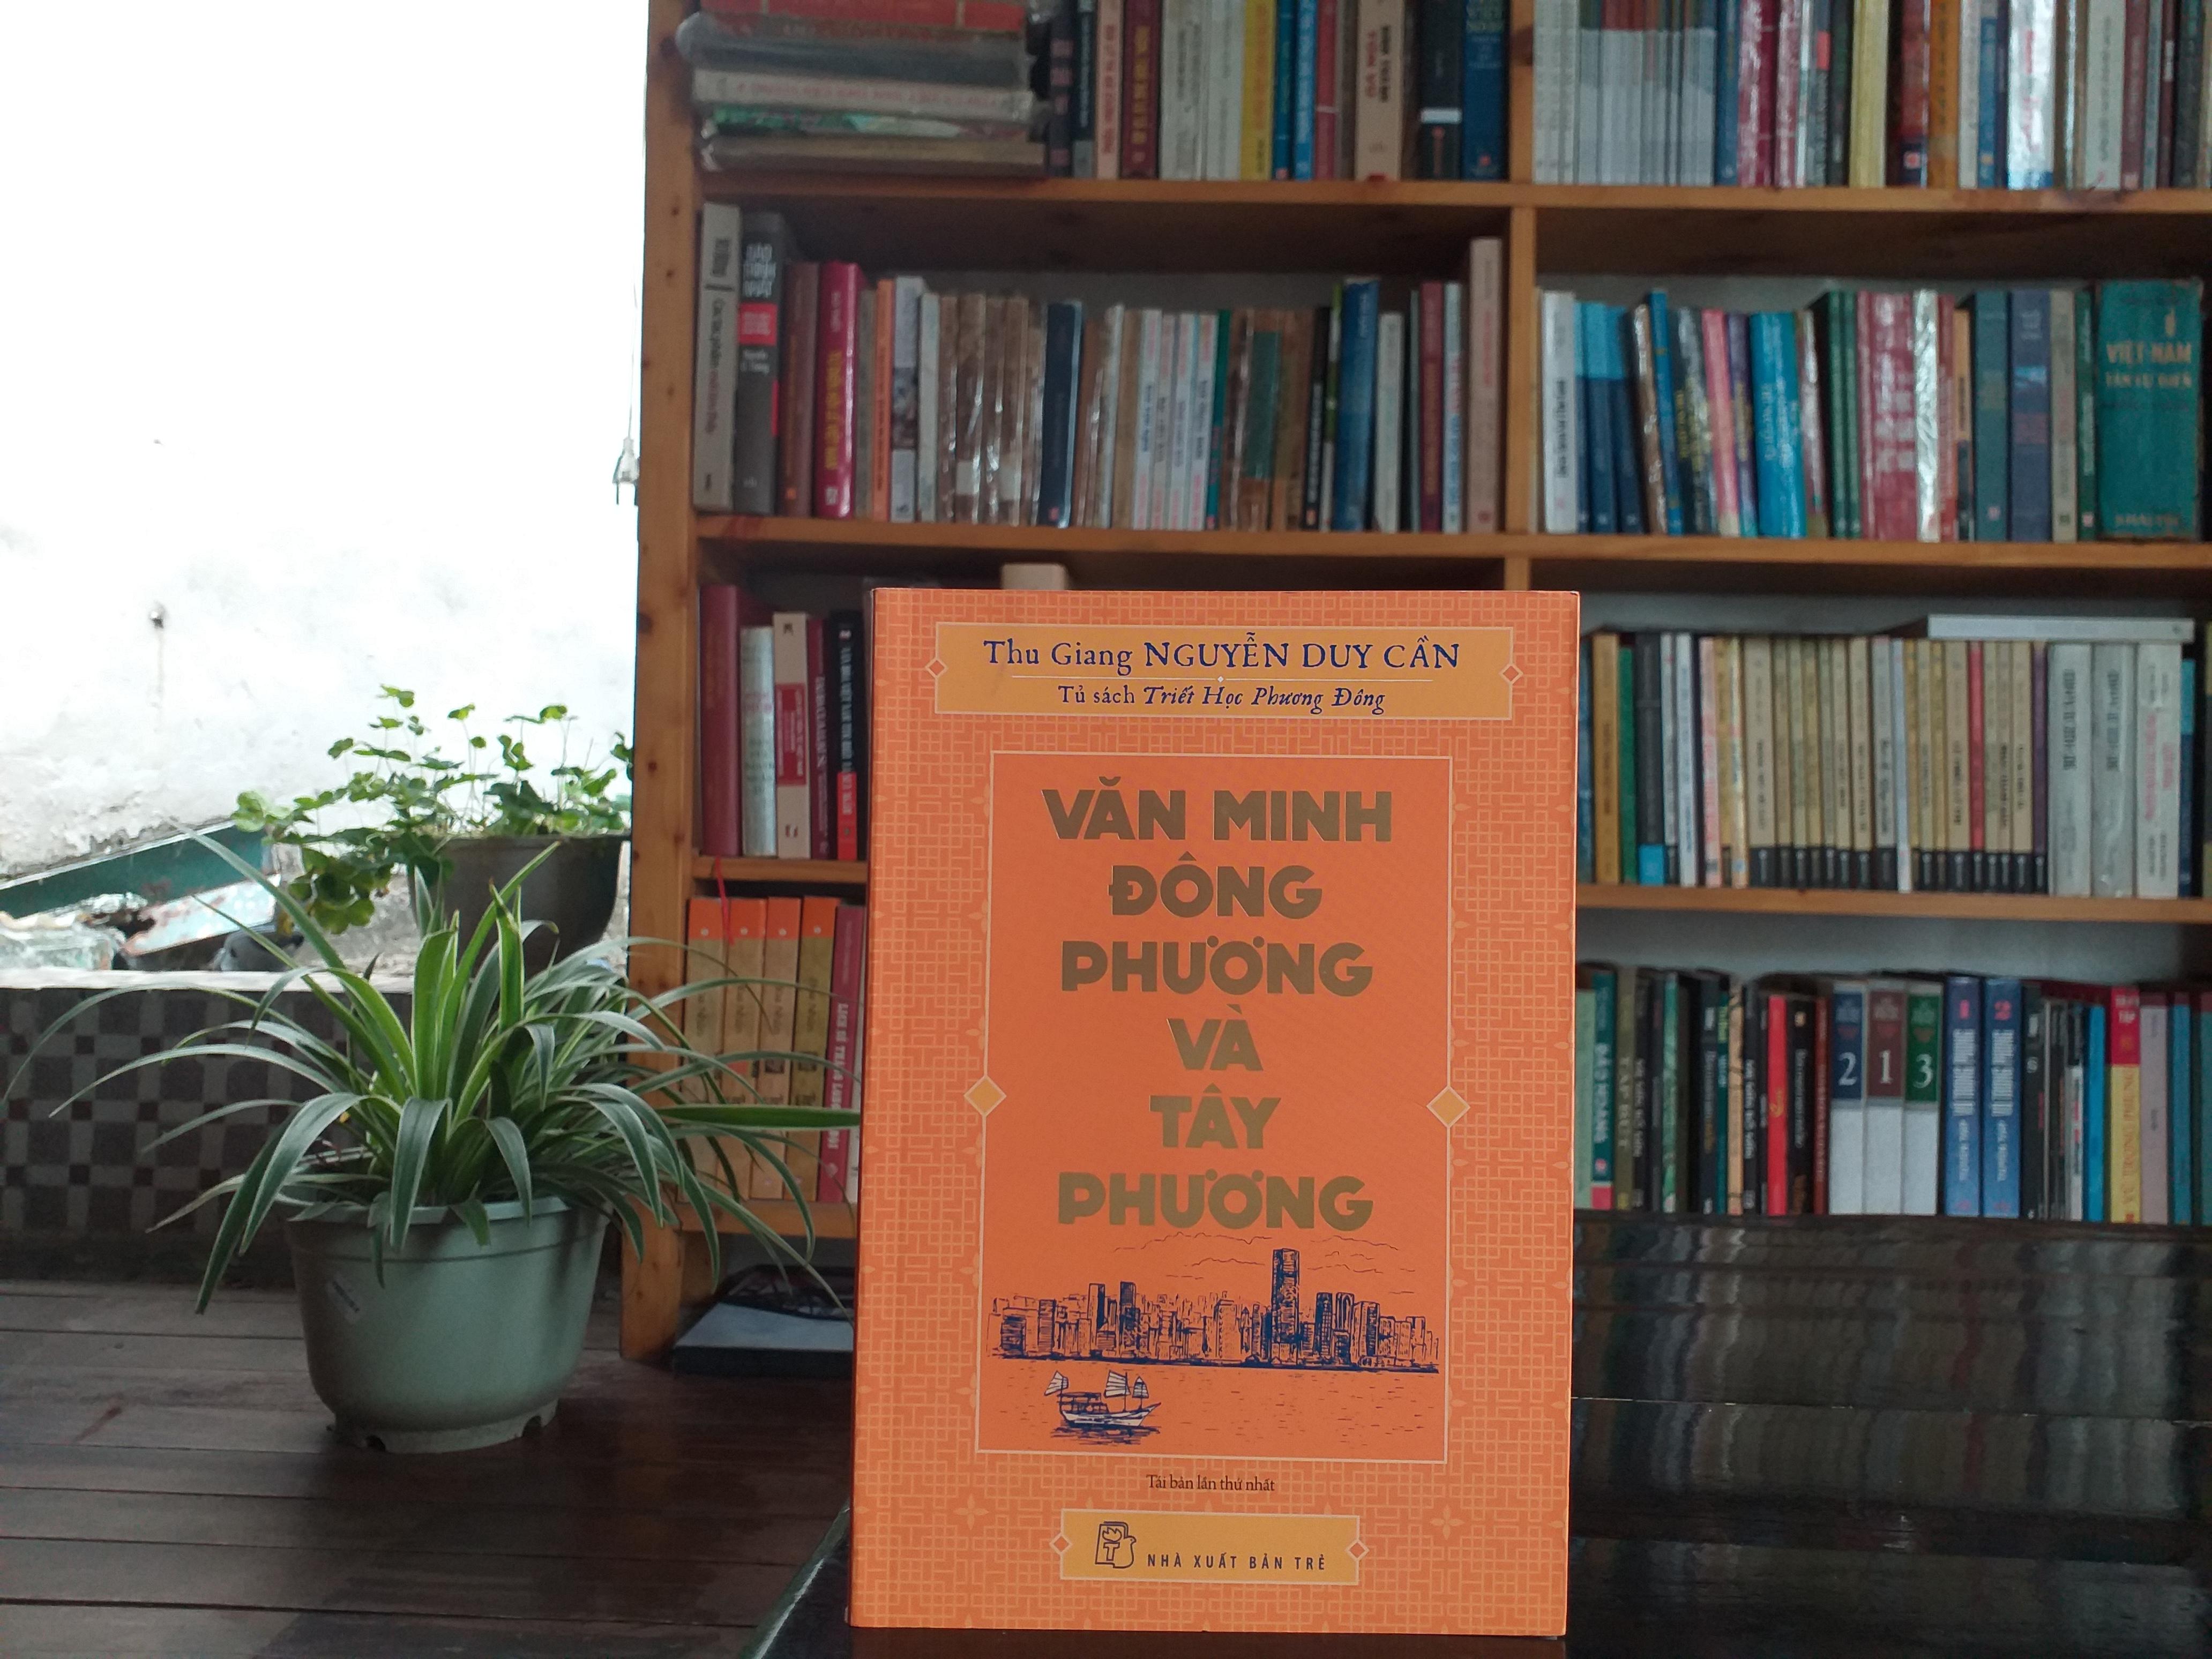 Văn minh Đông phương và Tây phương được viết năm 1957, 12 năm sau khi Nguyễn Duy Cần xuất bản cuốn sách đầu tay mang tên Duy tâm và Duy vật. Mới đây, cuốn sách đã được NXB Trẻ tái bản.